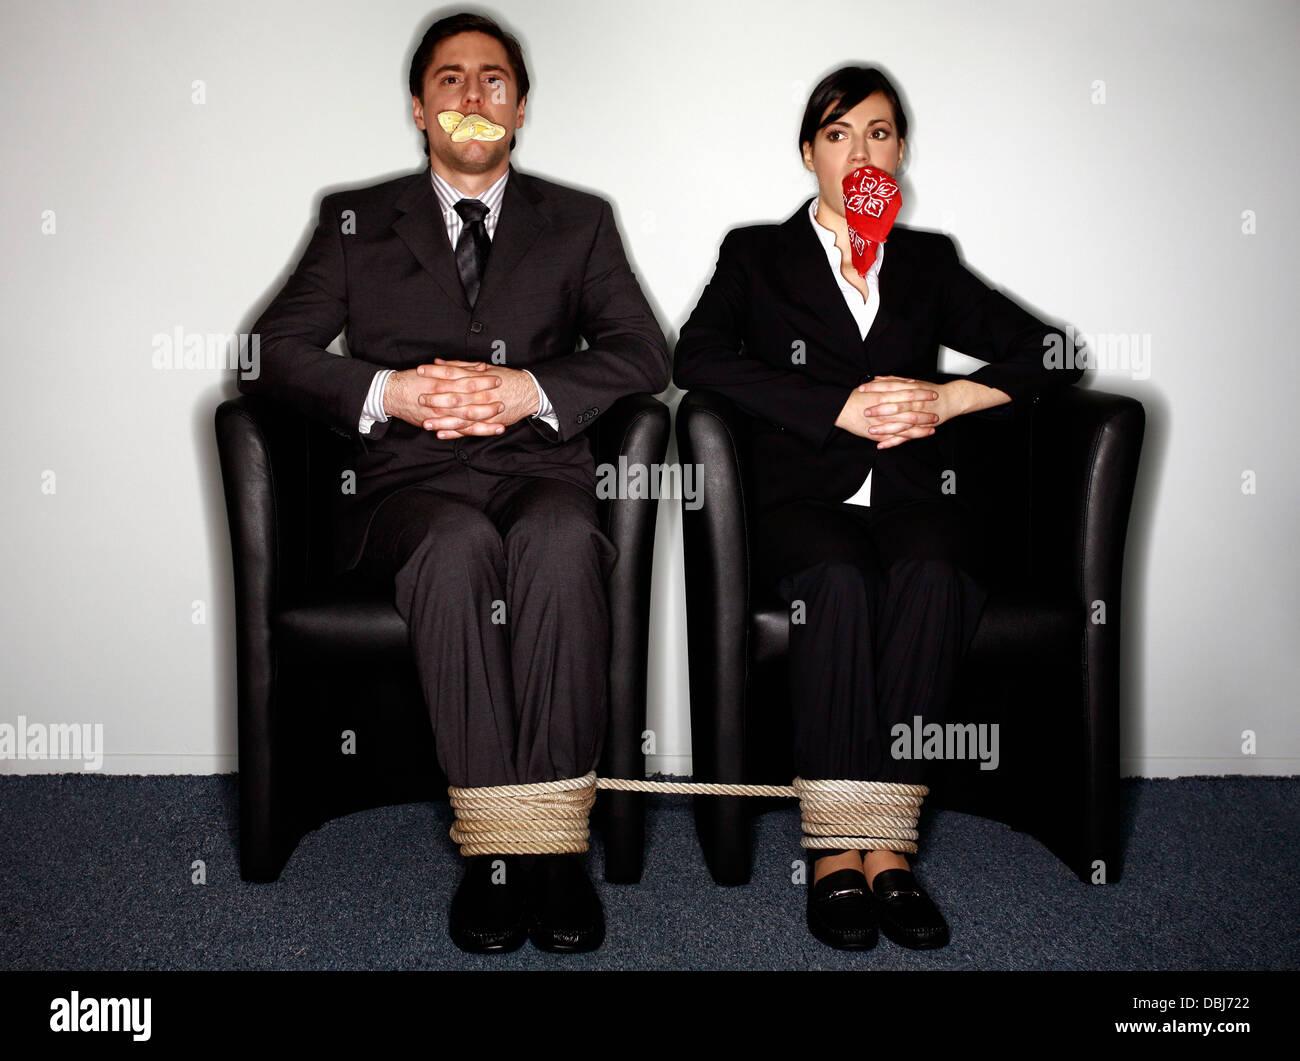 Femme Baillonnee homme et femme d'affaires bâillonnée et attachée banque d'images